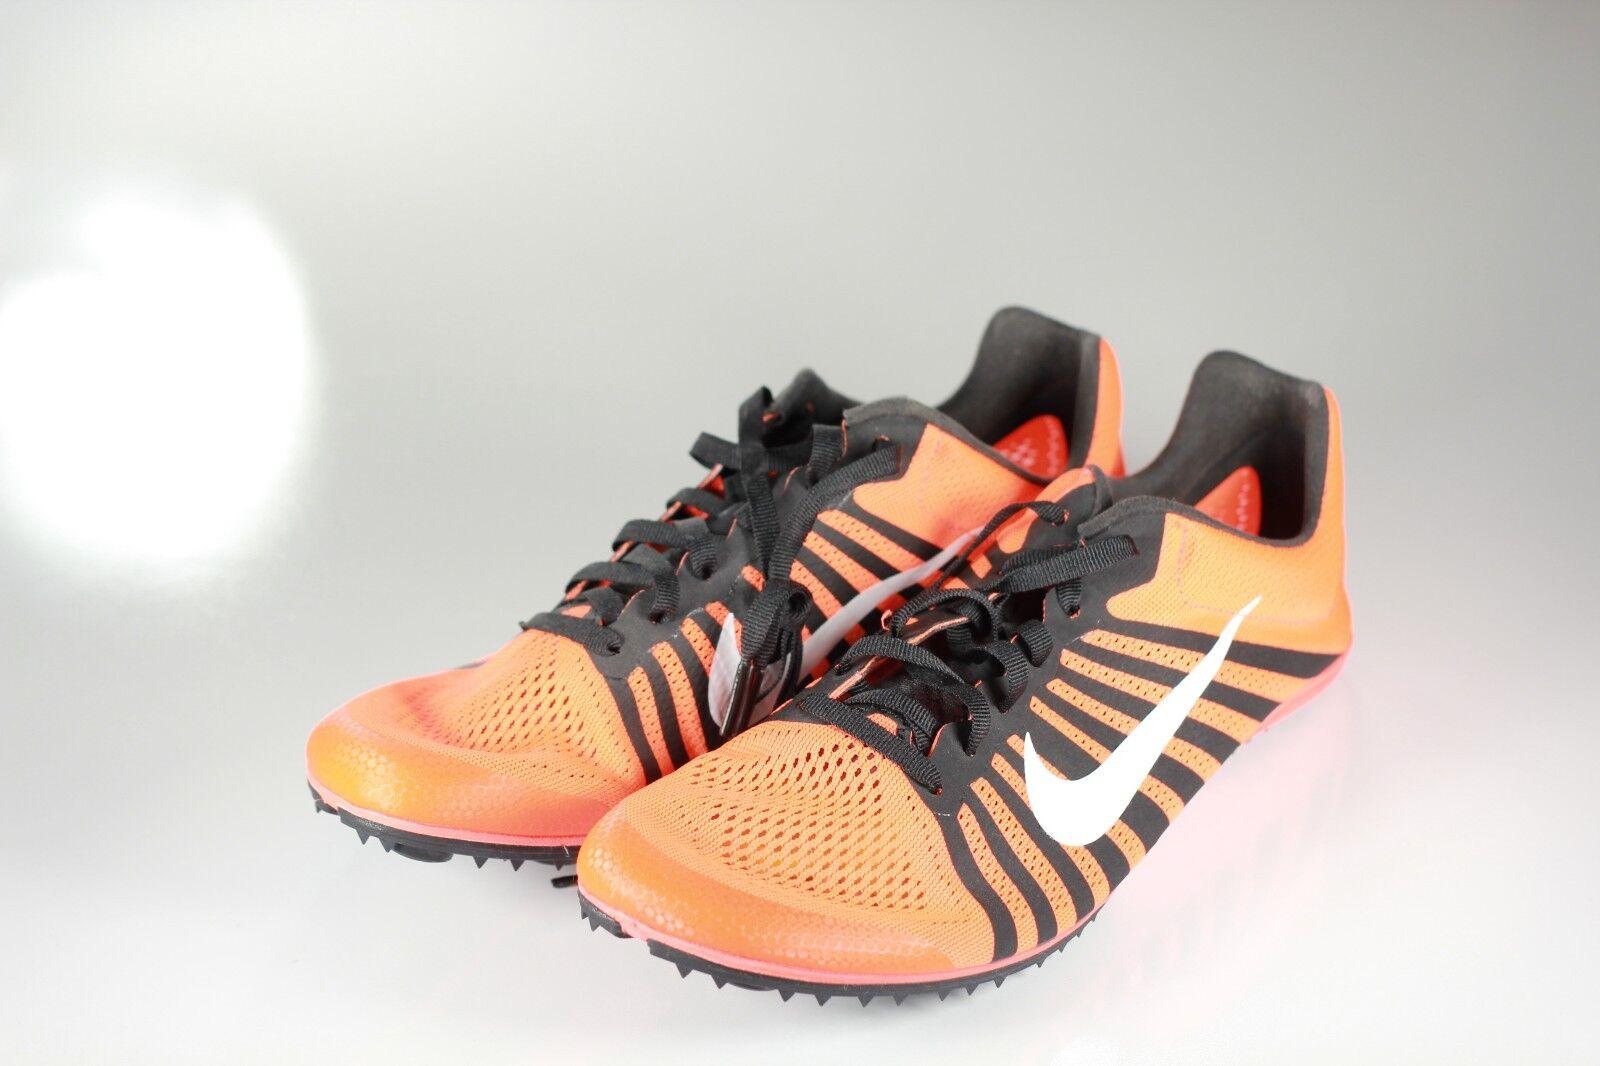 Nike Track Zoom distancia Track Nike & Field zapatos 819164-801 SZ 7,5 W / Spikes XC barato y hermoso moda 87a980